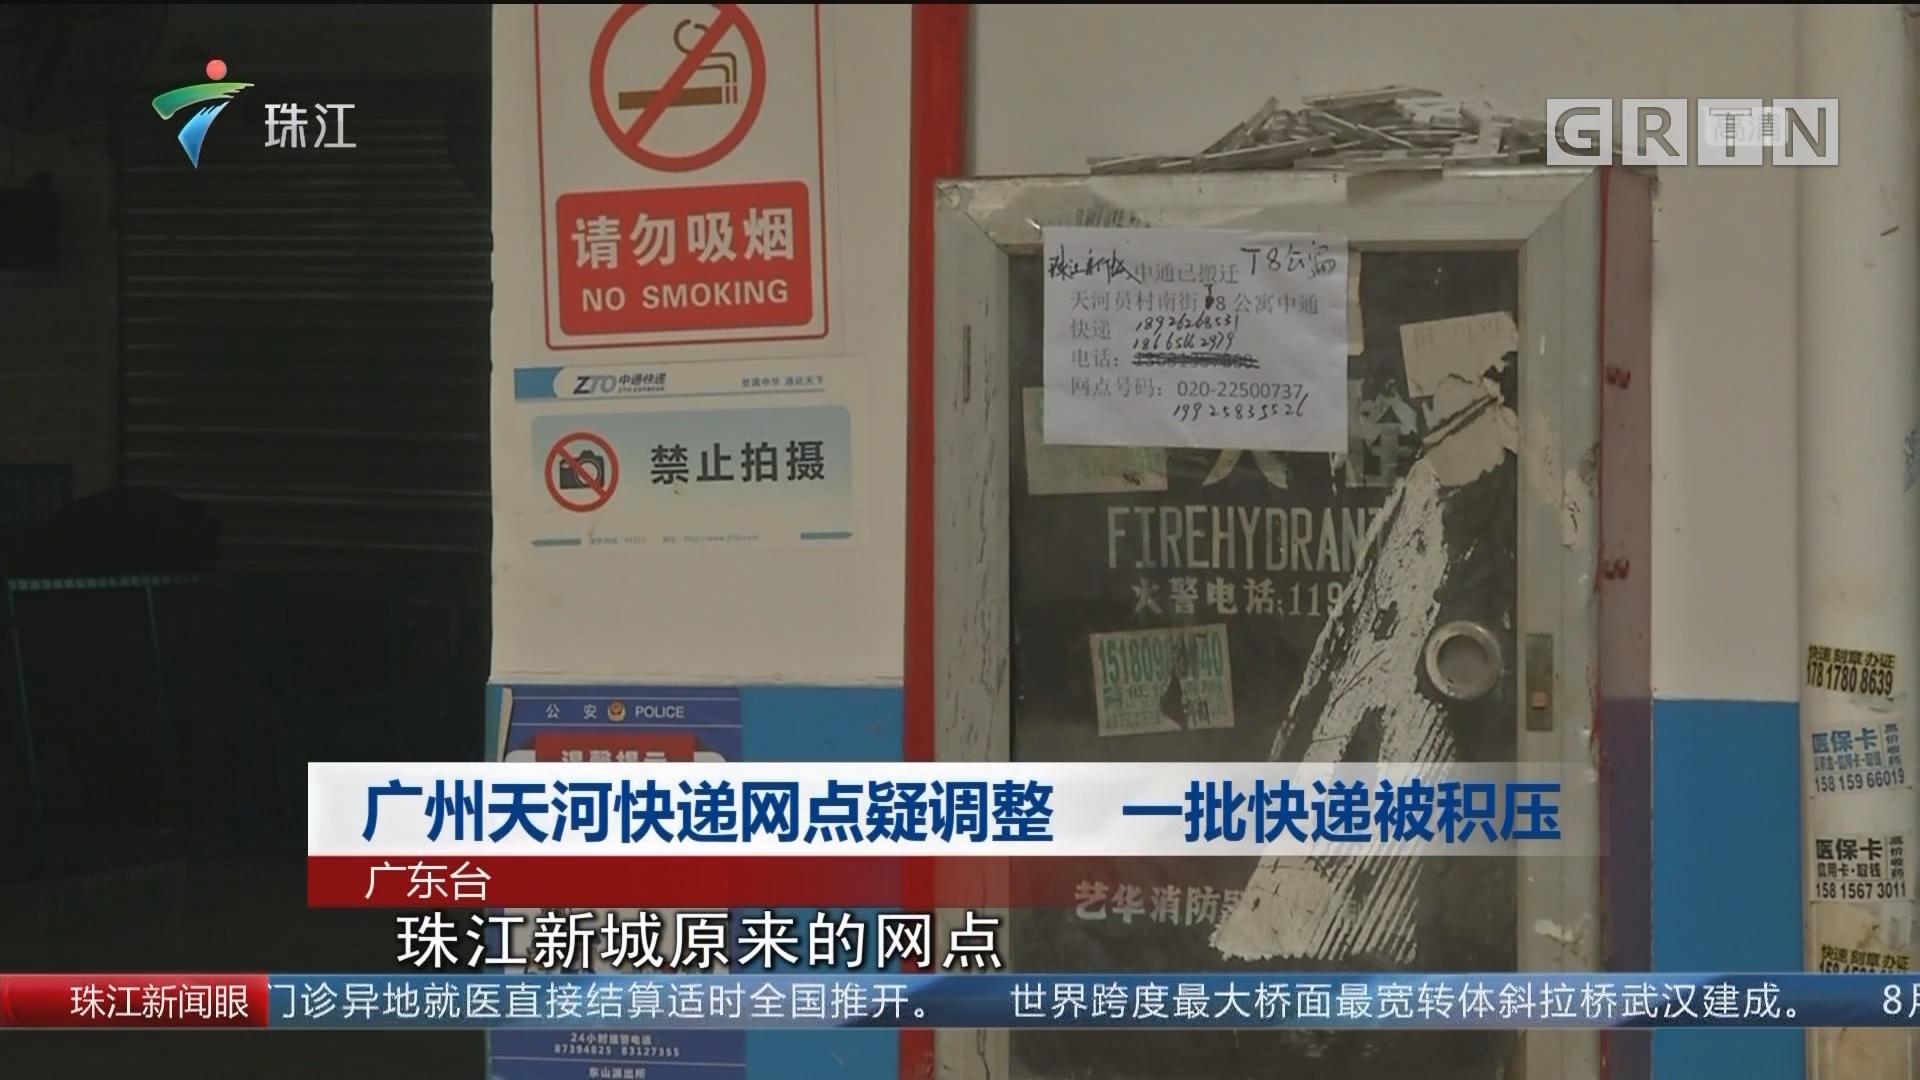 广州天河快递网点疑调整 一批快递被积压